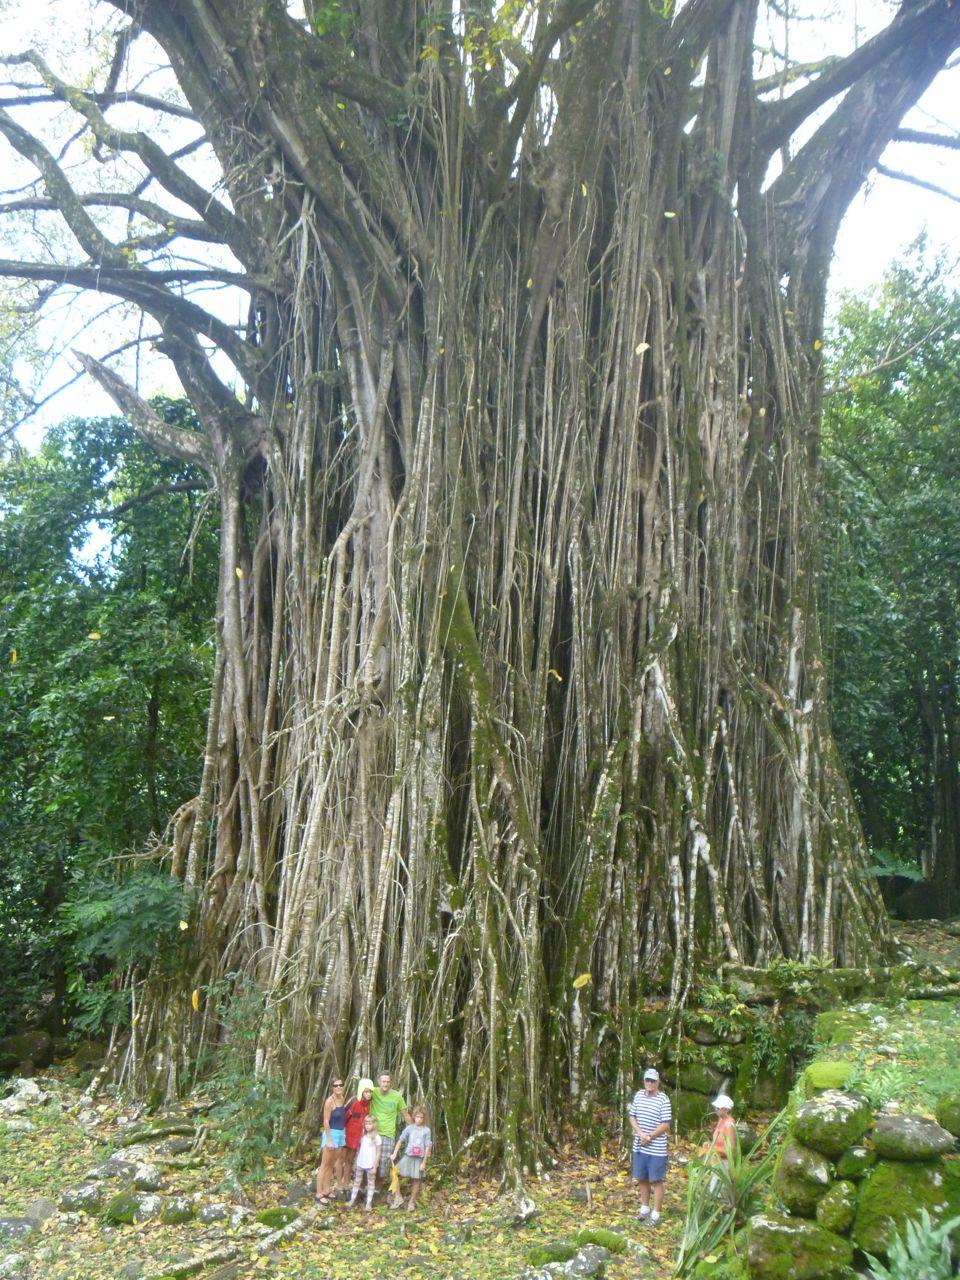 Ein riesiger 600 Jahre alter Banyan Baum dient uns hier als Kulisse